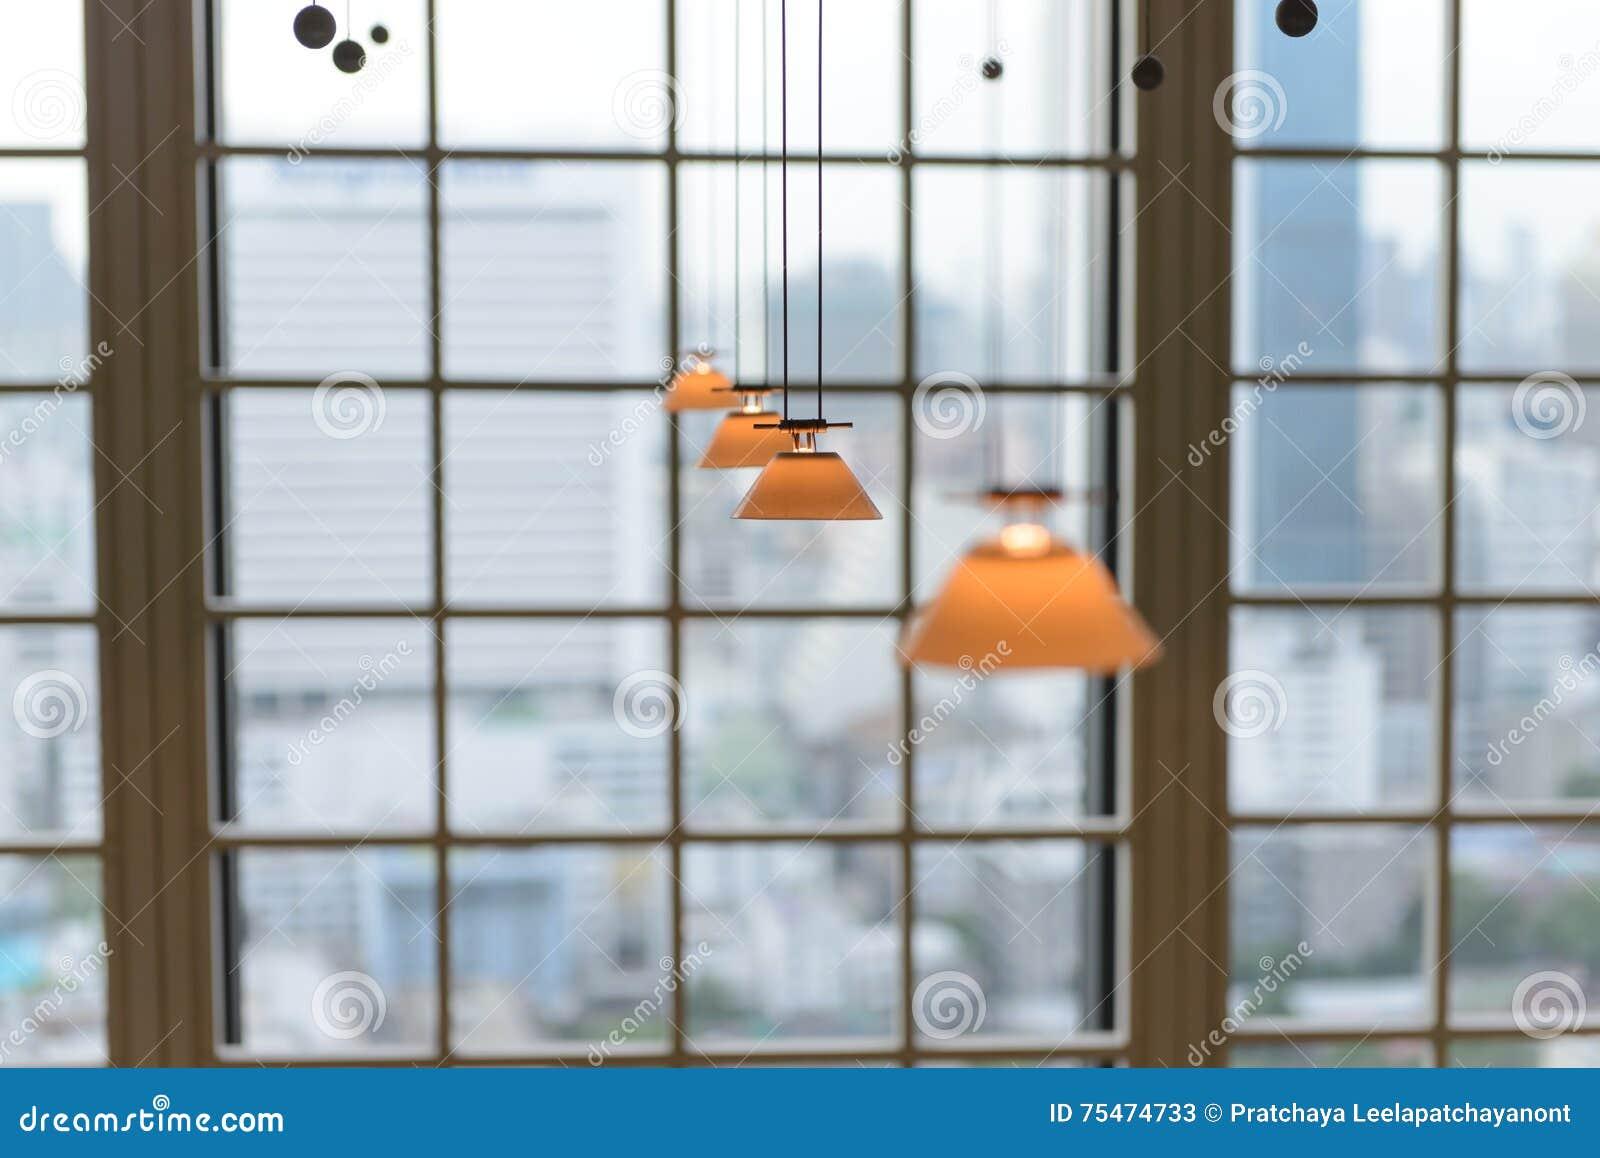 小LED灯太阳光吊